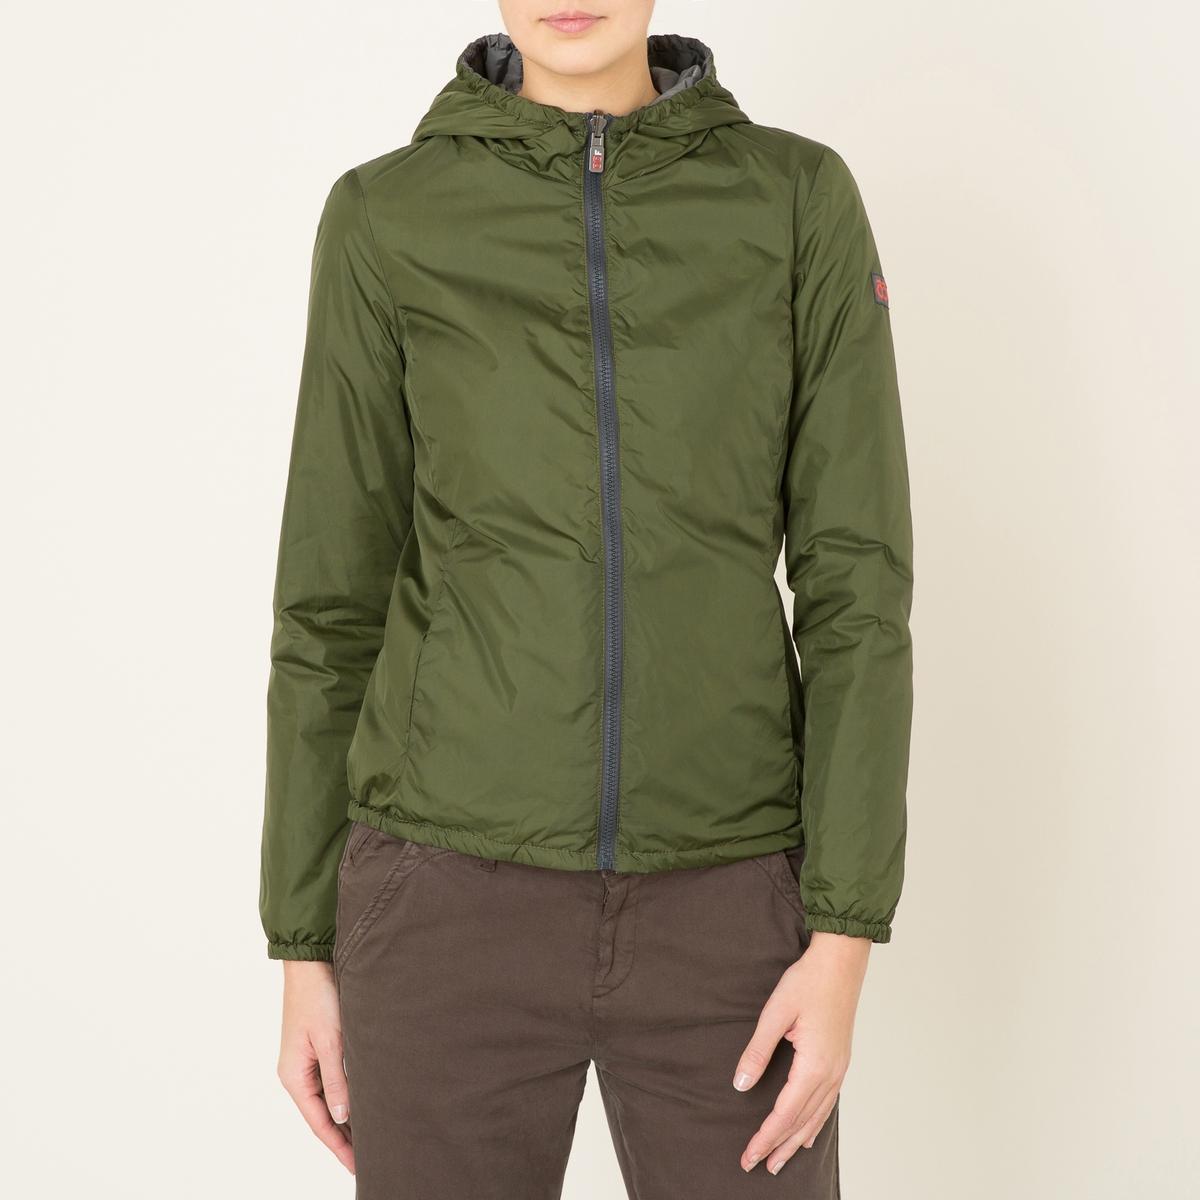 Куртка стеганая короткая двусторонняяКуртка стеганая короткая OOF - двусторонняя модель . С капюшоном . Высокий воротник. Отрезные детали на поясе на поясе . Невидимые карманы по бокам . Застежка на молнию. Эластичные манжеты.Состав &amp; Детали Материал : 100% полиамидМарка : OOF<br><br>Цвет: фиолетовый/ розовый,хаки/ серый